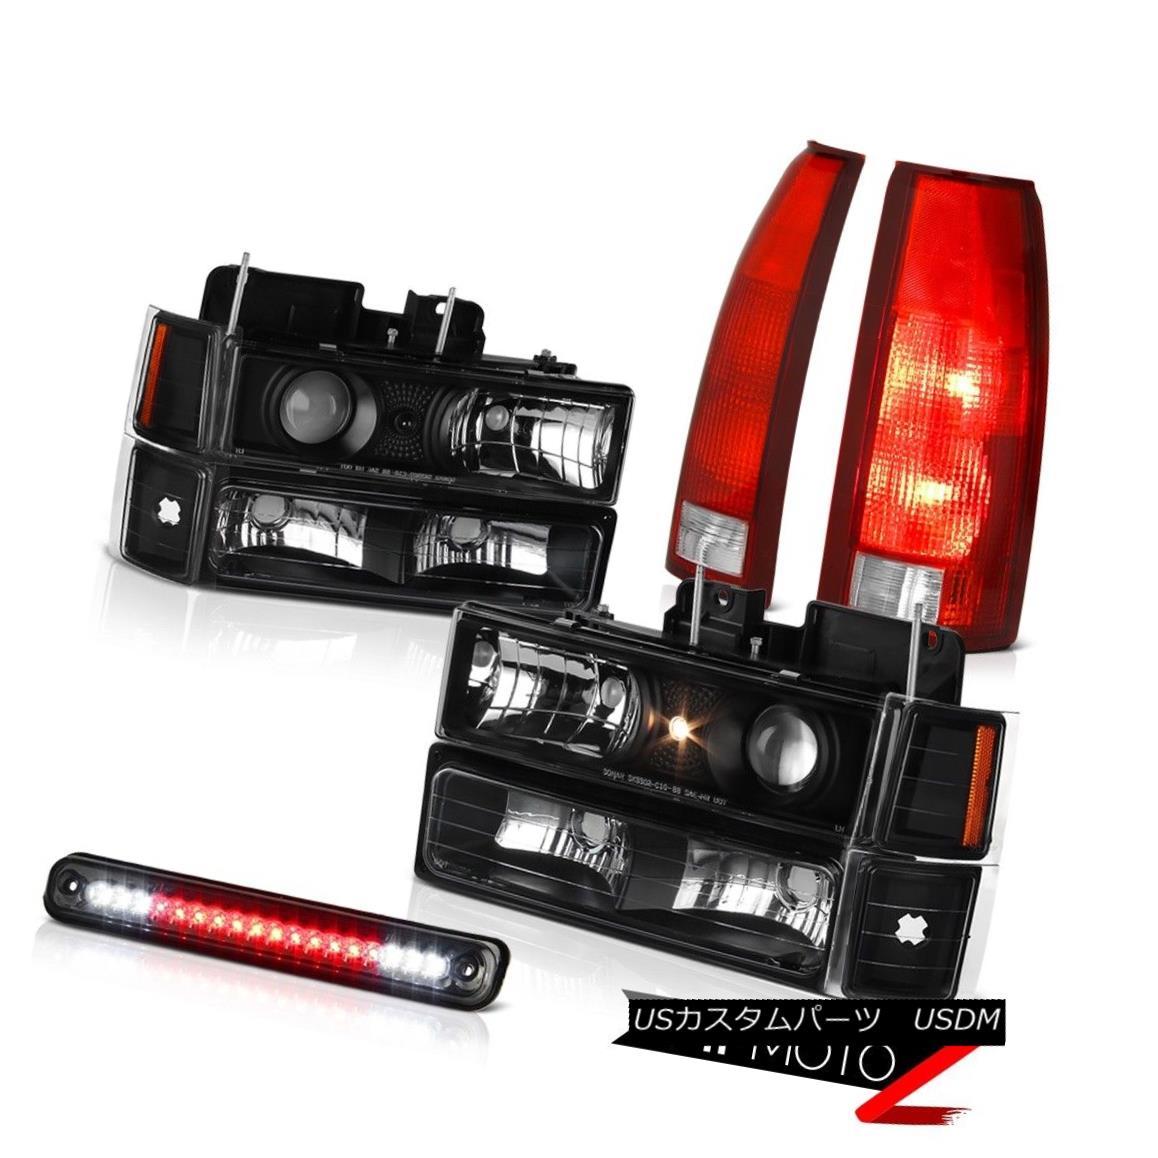 テールライト 94-98 Chevy K2500 Roof Brake Light Red Tail Lights Corner Parking Headlamps L+R 94-98 Chevy K2500ルーフブレーキライトレッドテールライトコーナーパーキングヘッドランプL + R